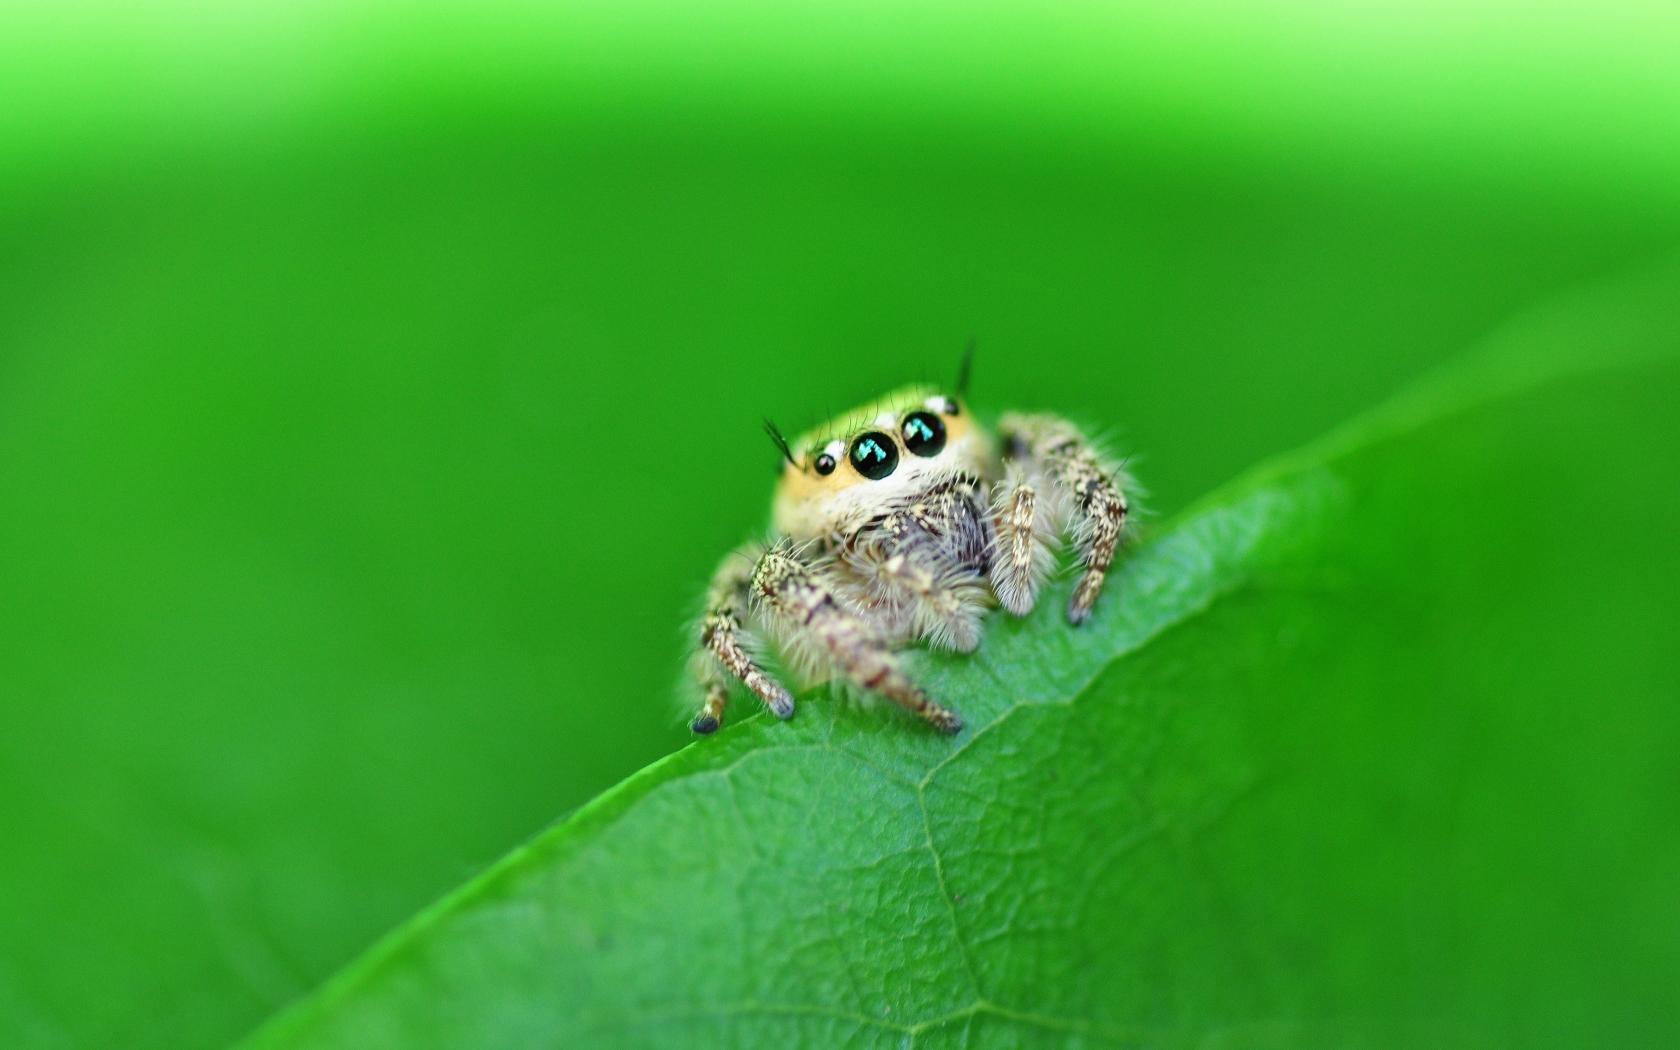 Una pequeña hermosa araña - 1680x1050